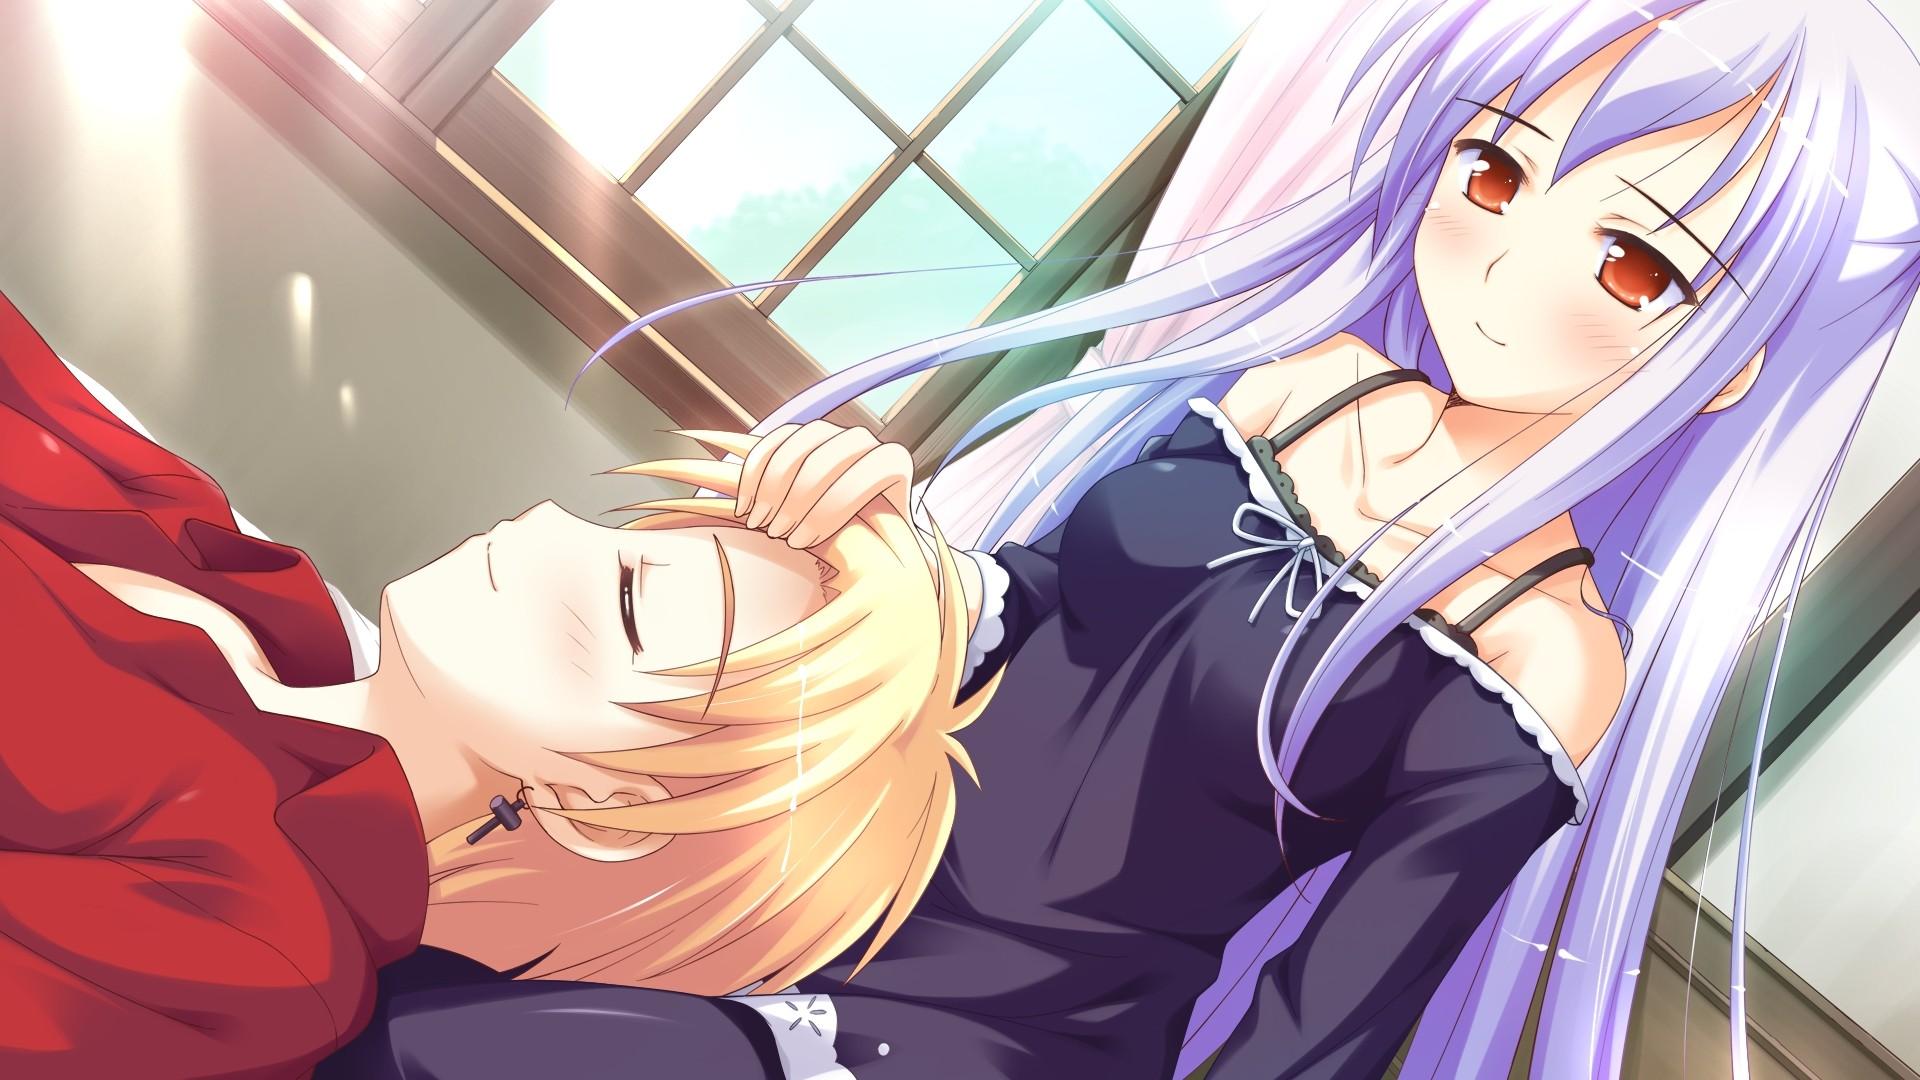 anime boy and girl #6